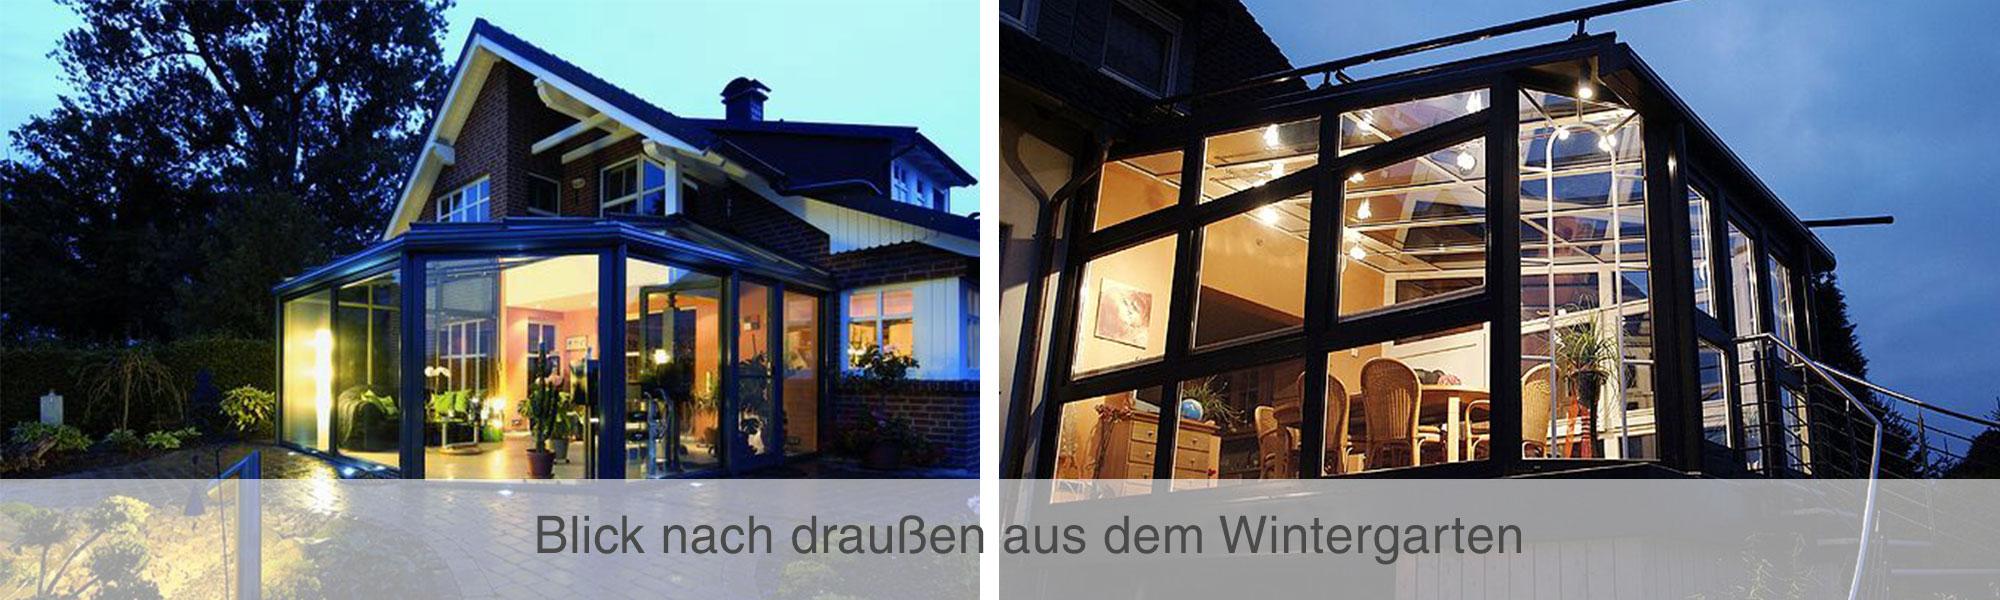 Wintergärten und Sommergärten von Weinor im Kreis Groß-Gerau